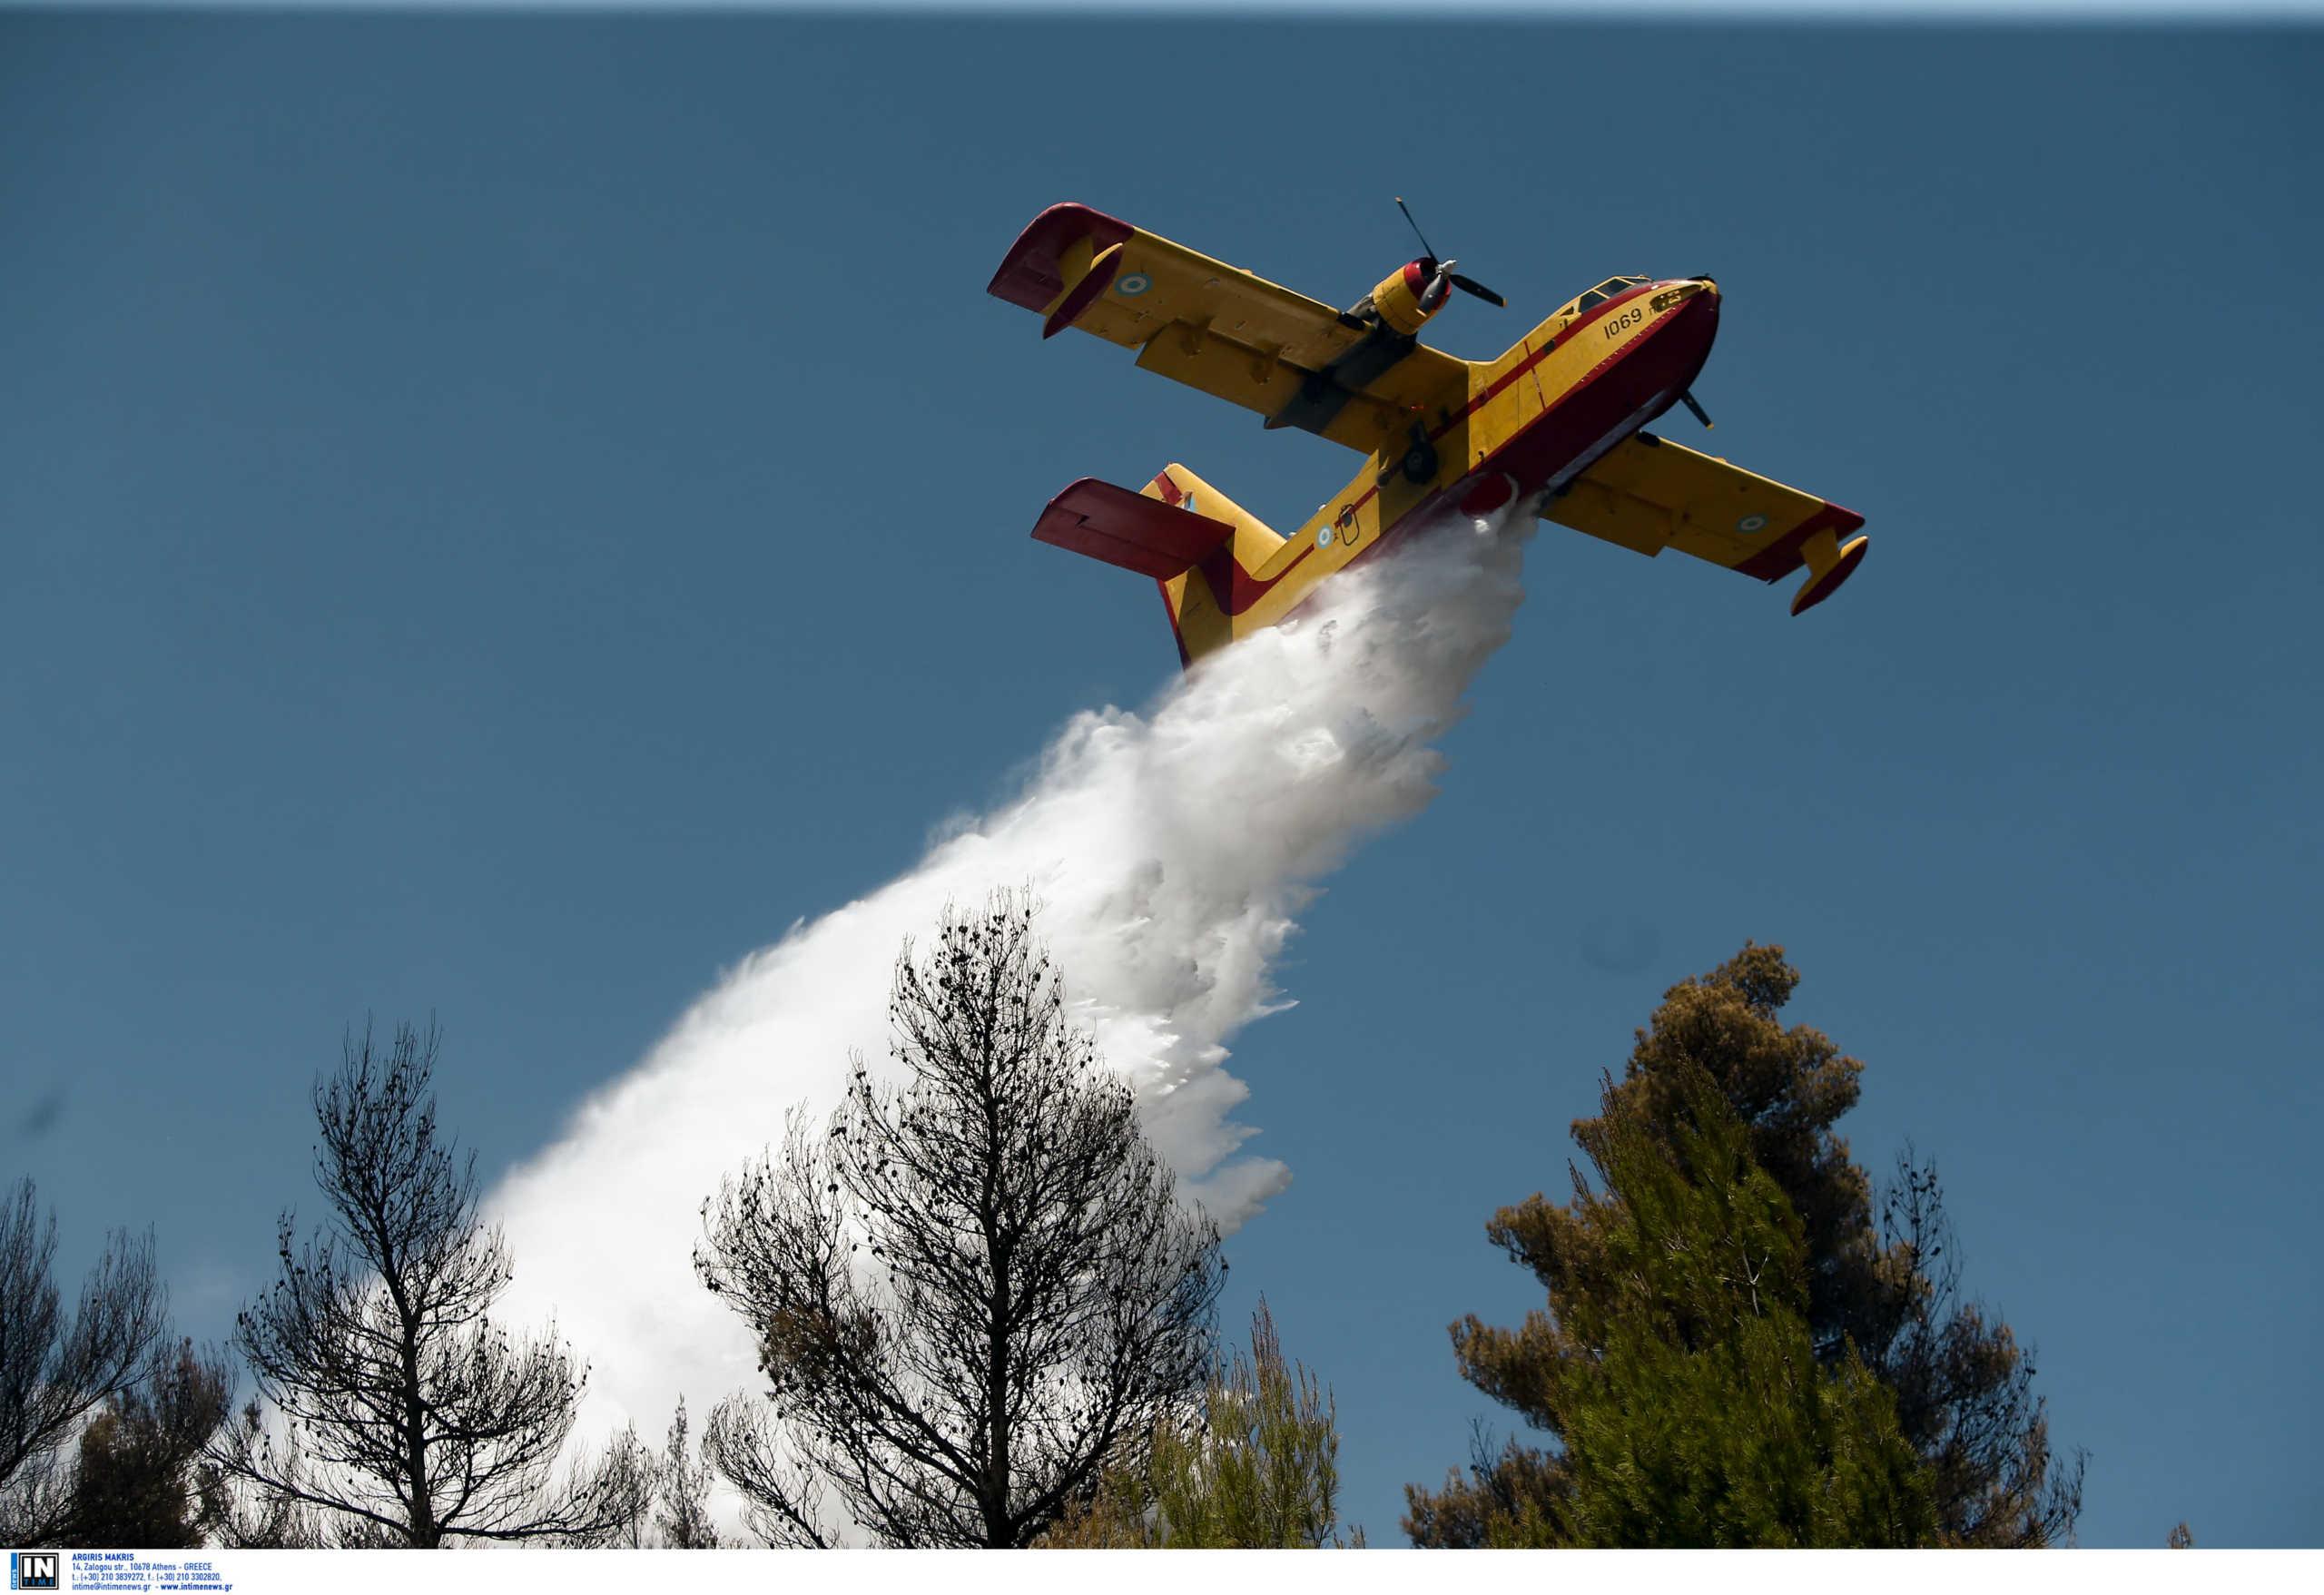 Ηράκλειο: Μεγάλη φωτιά πλησιάζει και απειλεί εργοστάσιο! Πρόσθετο εμπόδιο οι ισχυροί νοτιάδες